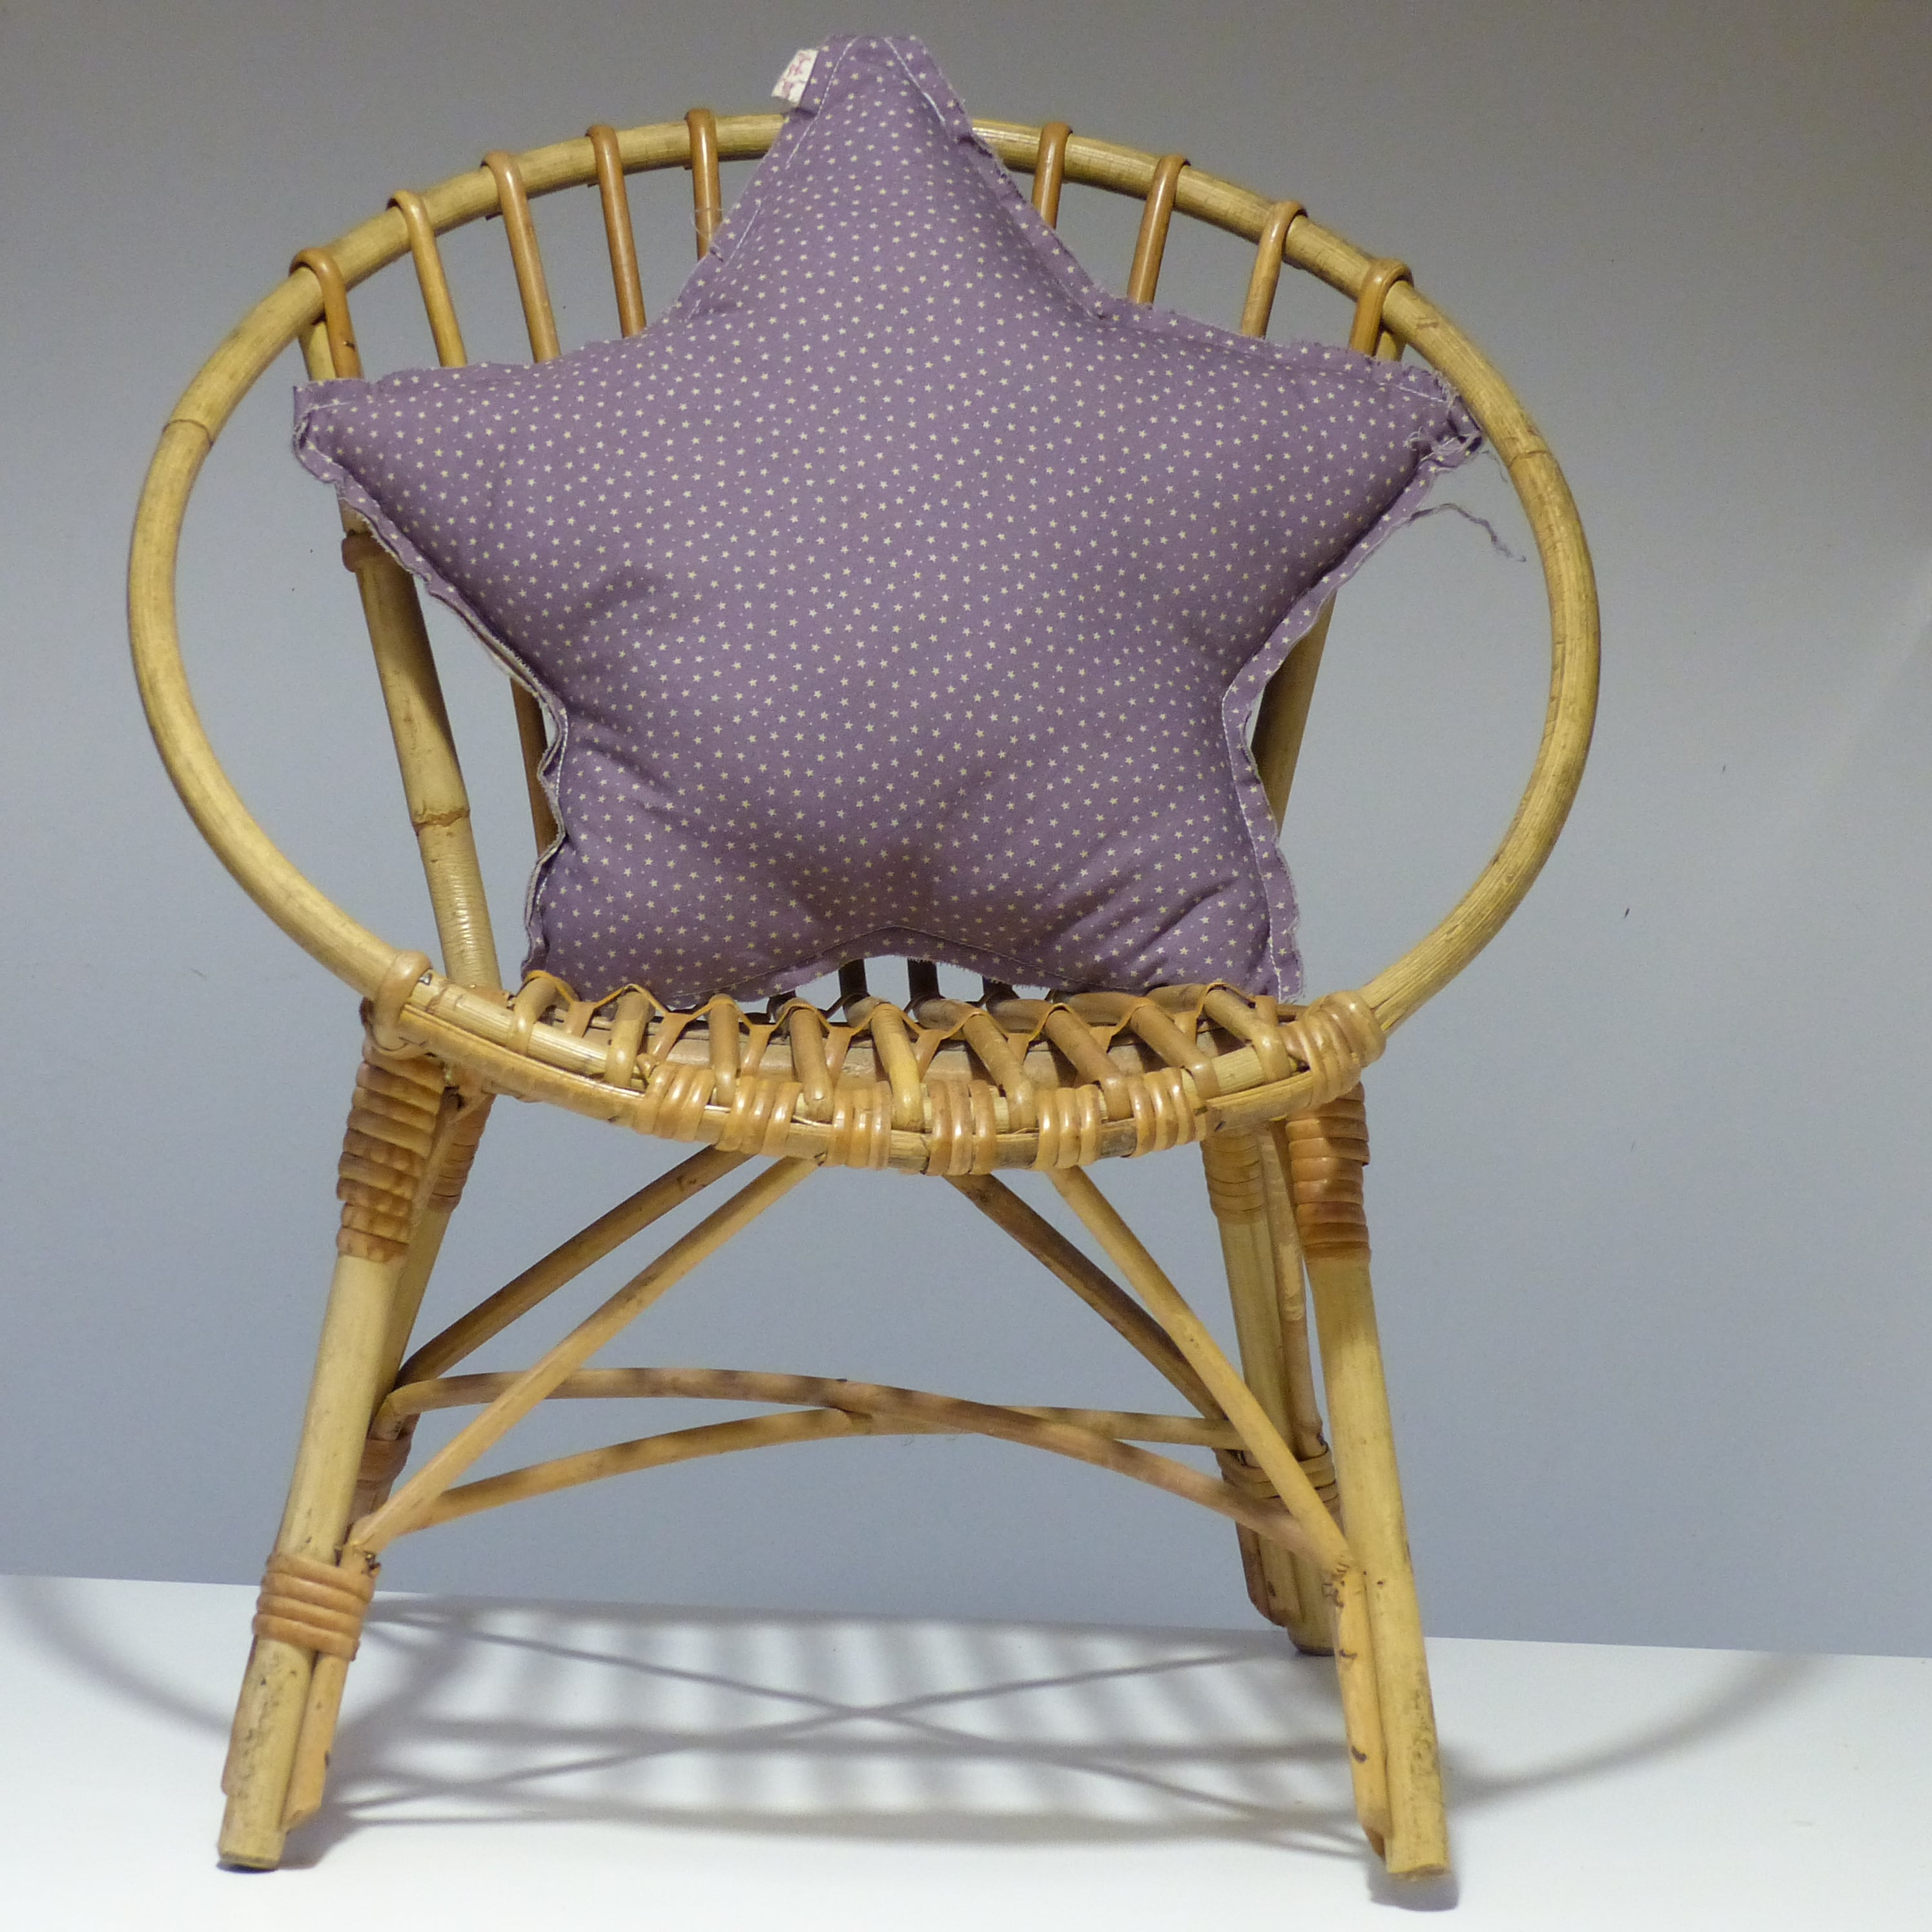 fauteuil corbeille en rotin pour enfant lignedebrocante brocante en ligne chine pour vous. Black Bedroom Furniture Sets. Home Design Ideas